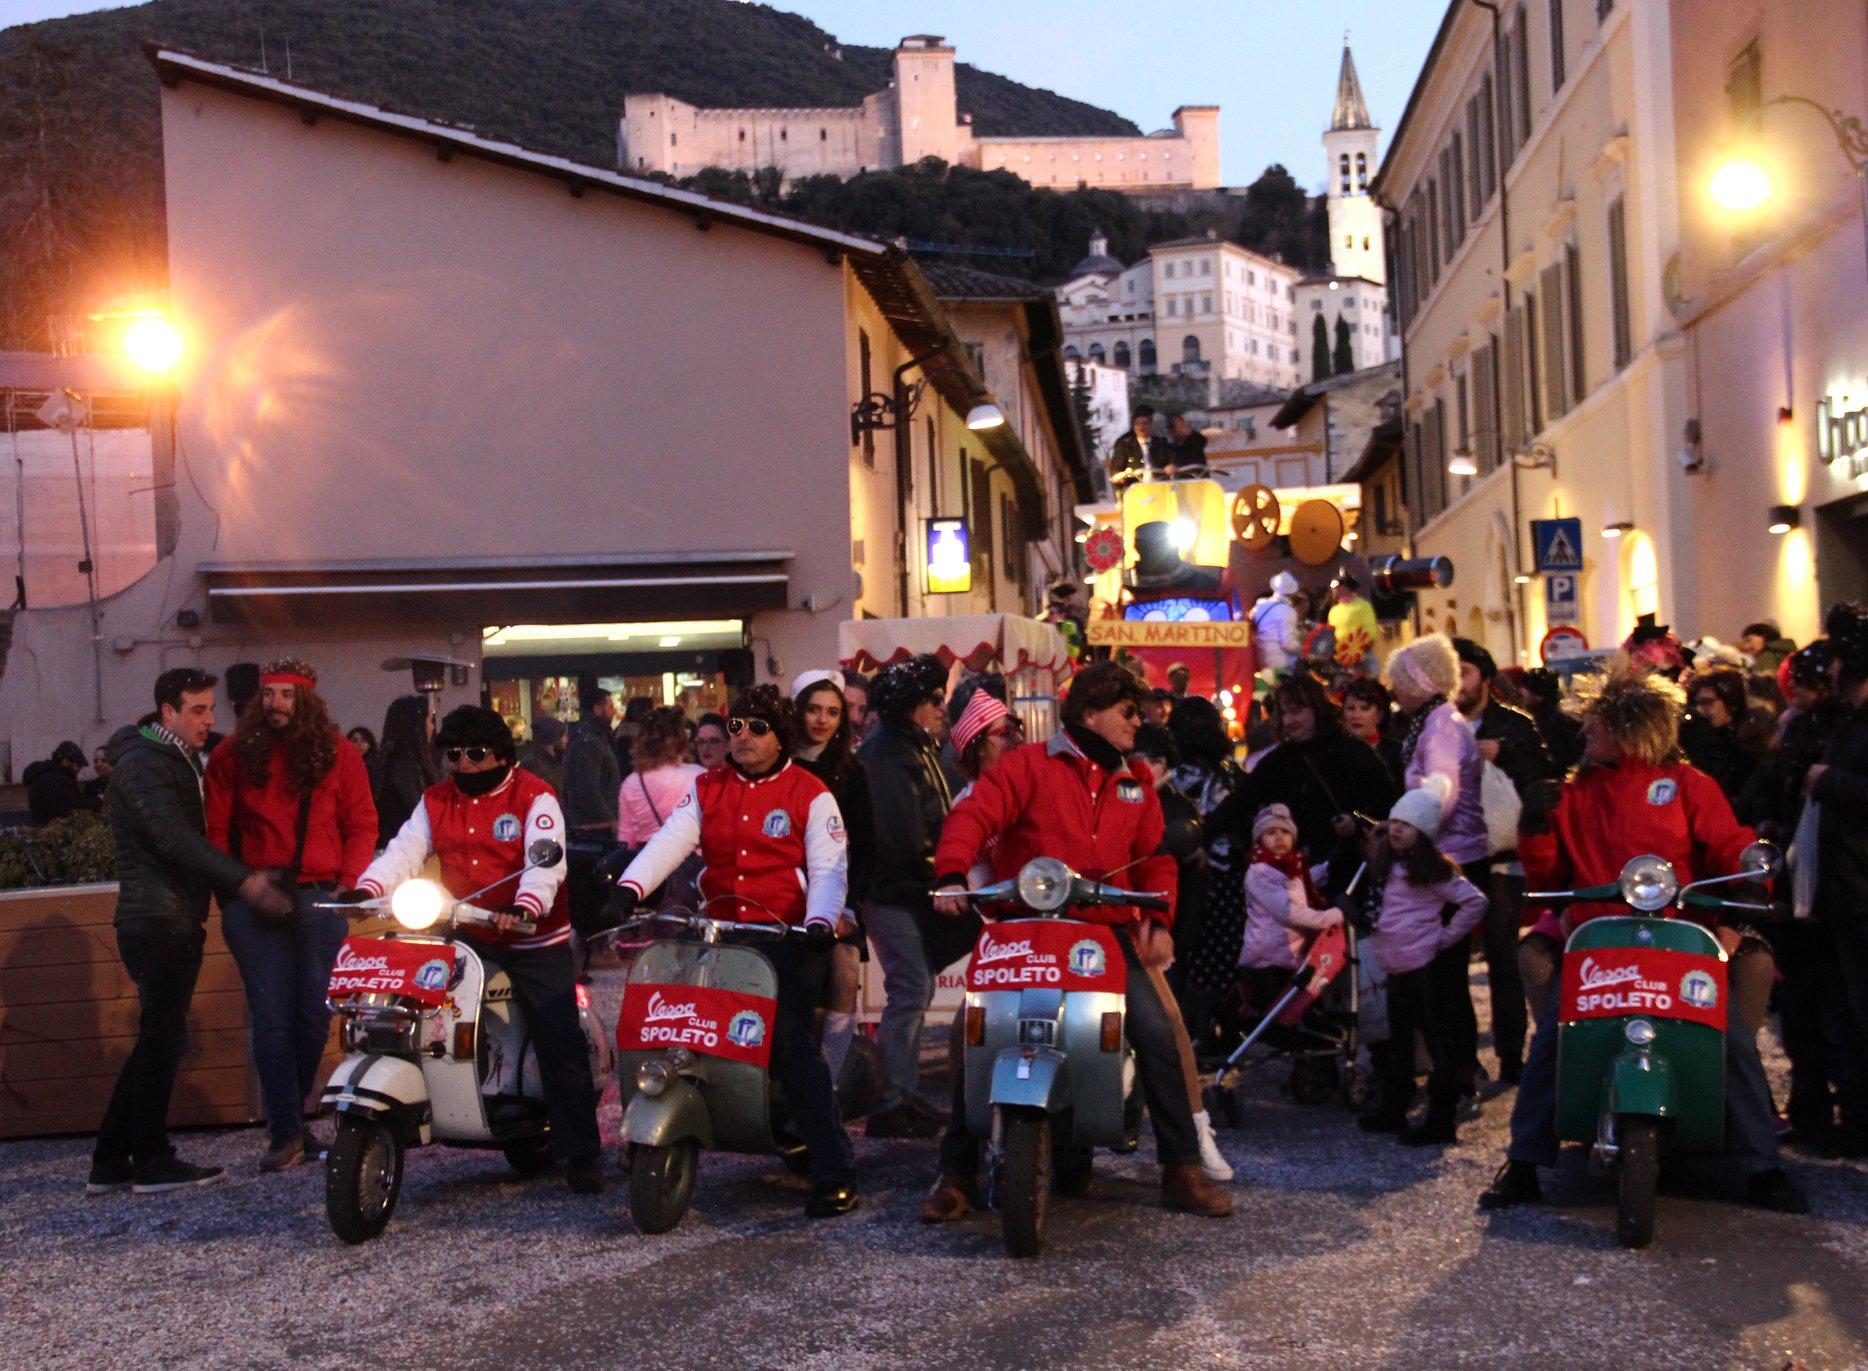 Carnevale di Spoleto